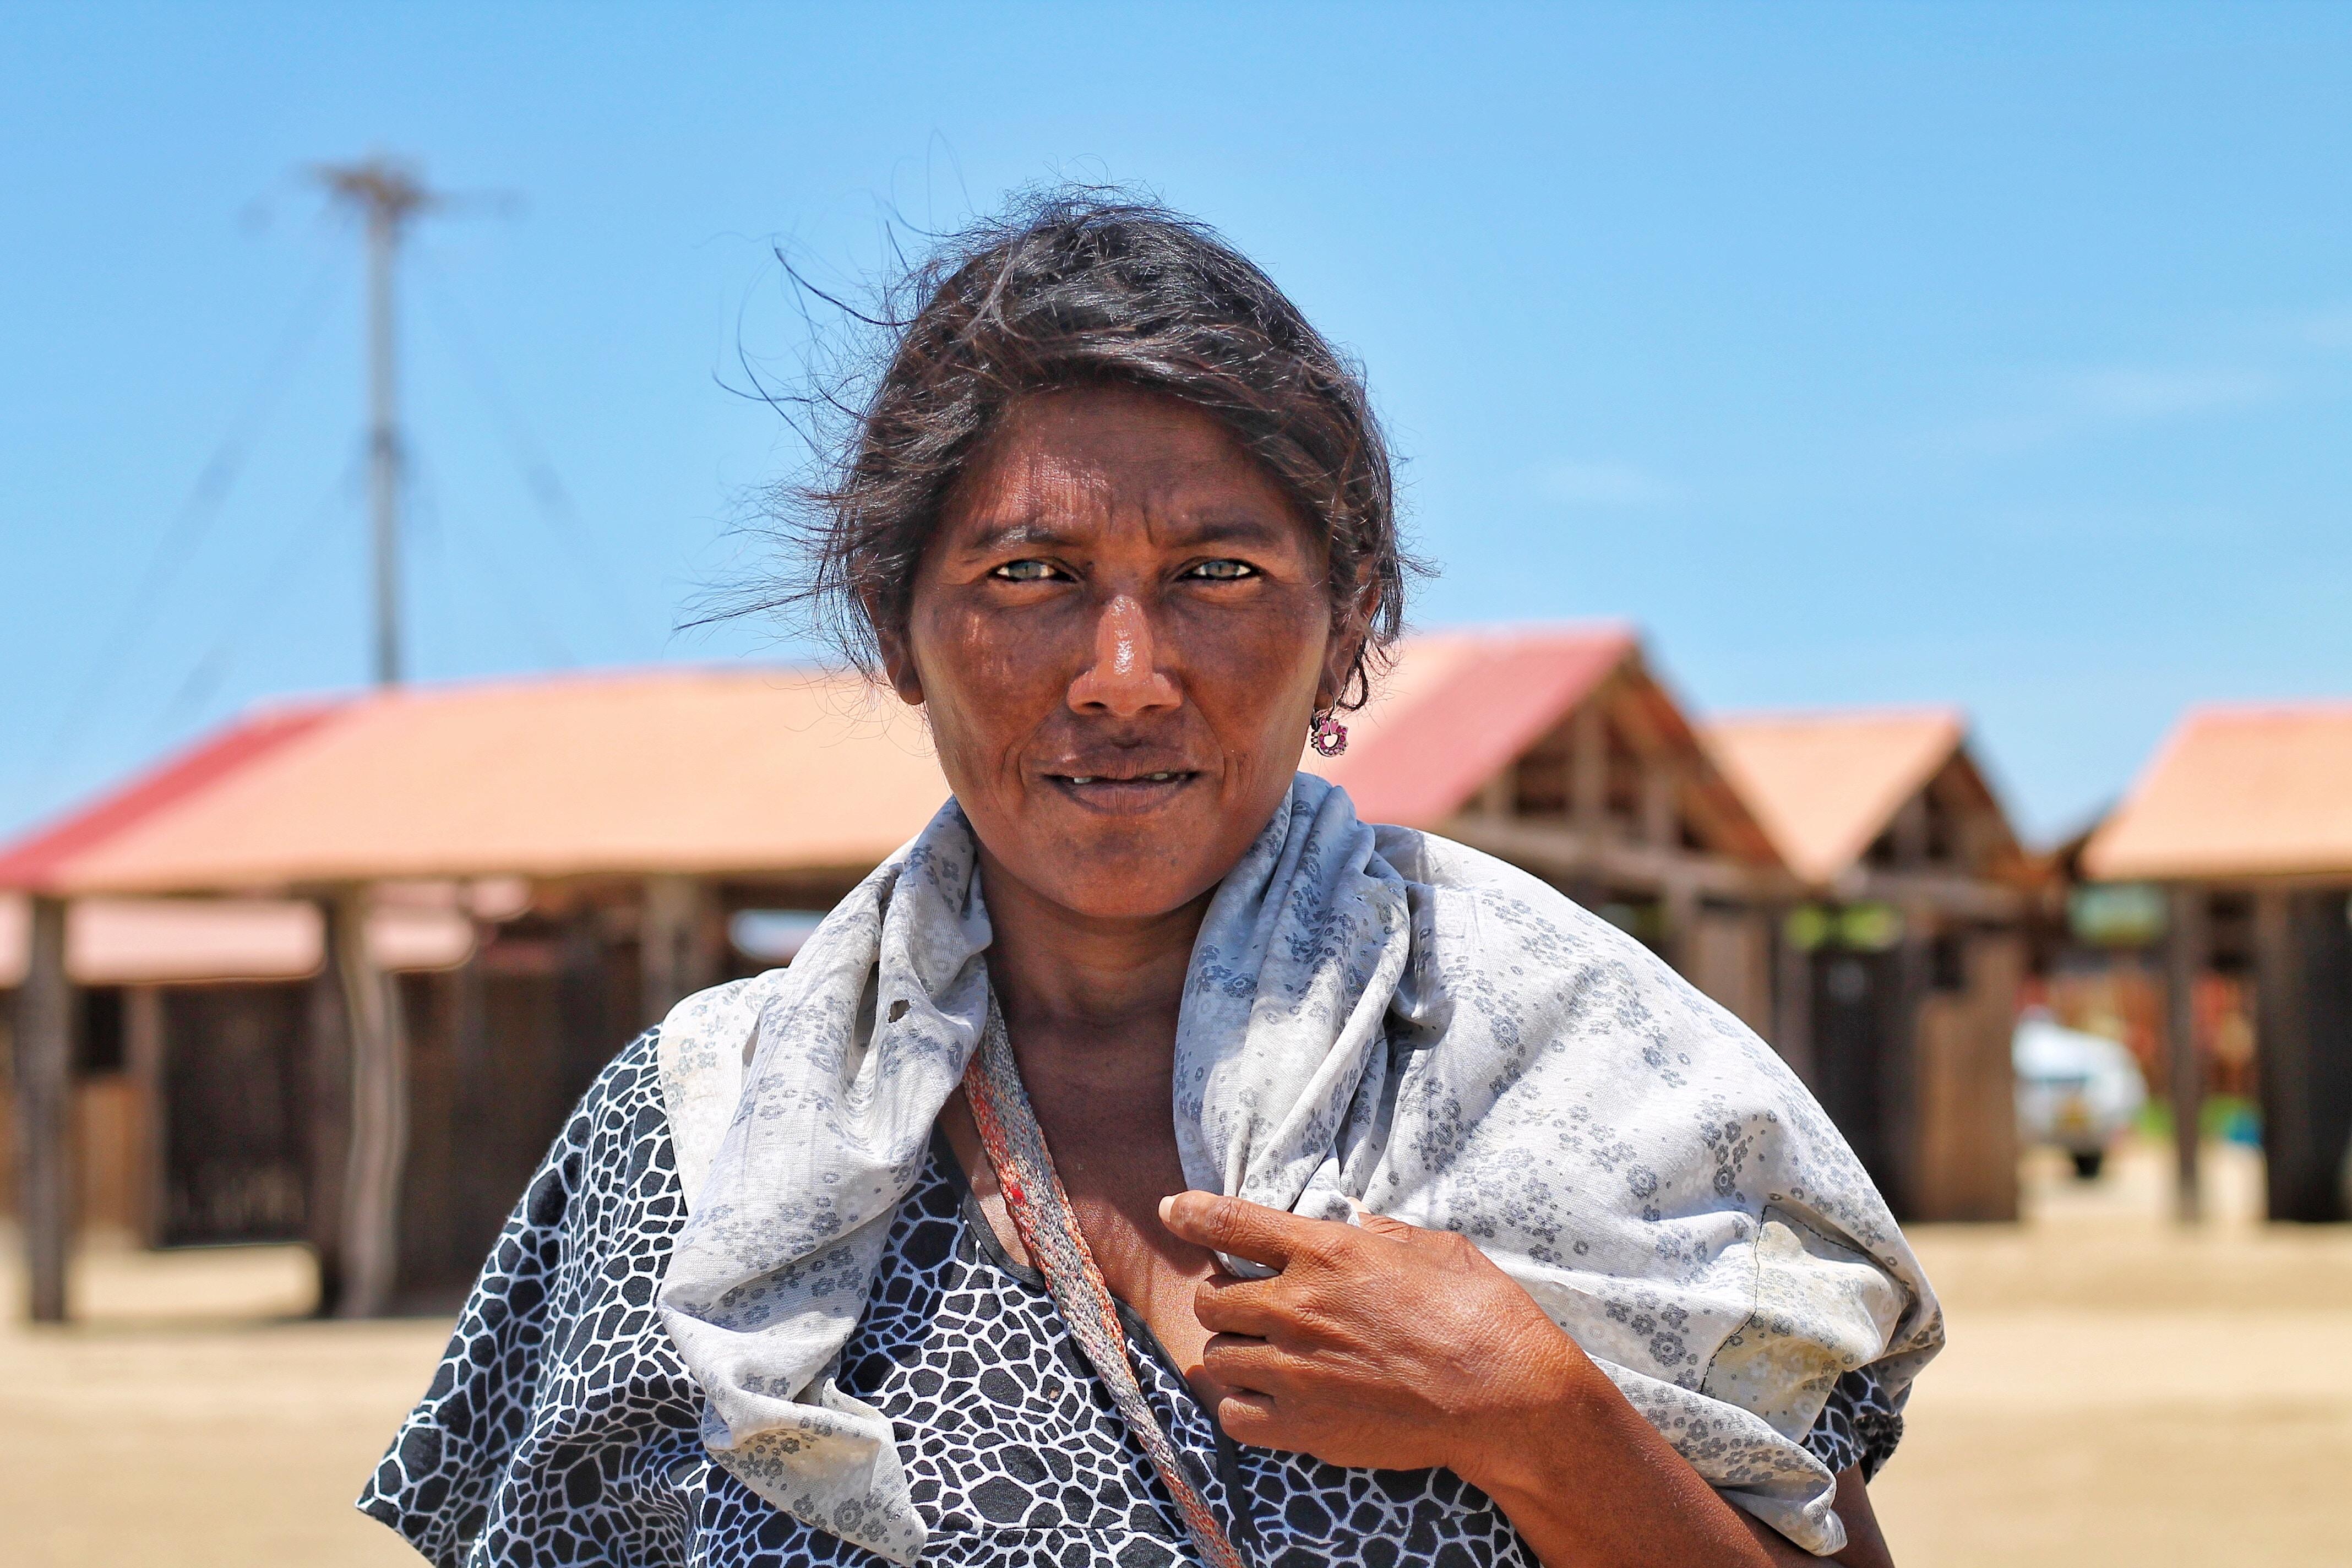 Imagen de la noticia Empoderar a las mujeres campesinas Maya-Kiché desde el ejercicio y promoción de sus derechos humanos y la construcción de relaciones equitativas de género en el municipio de Santa Cruz del Quiché, Guatemala